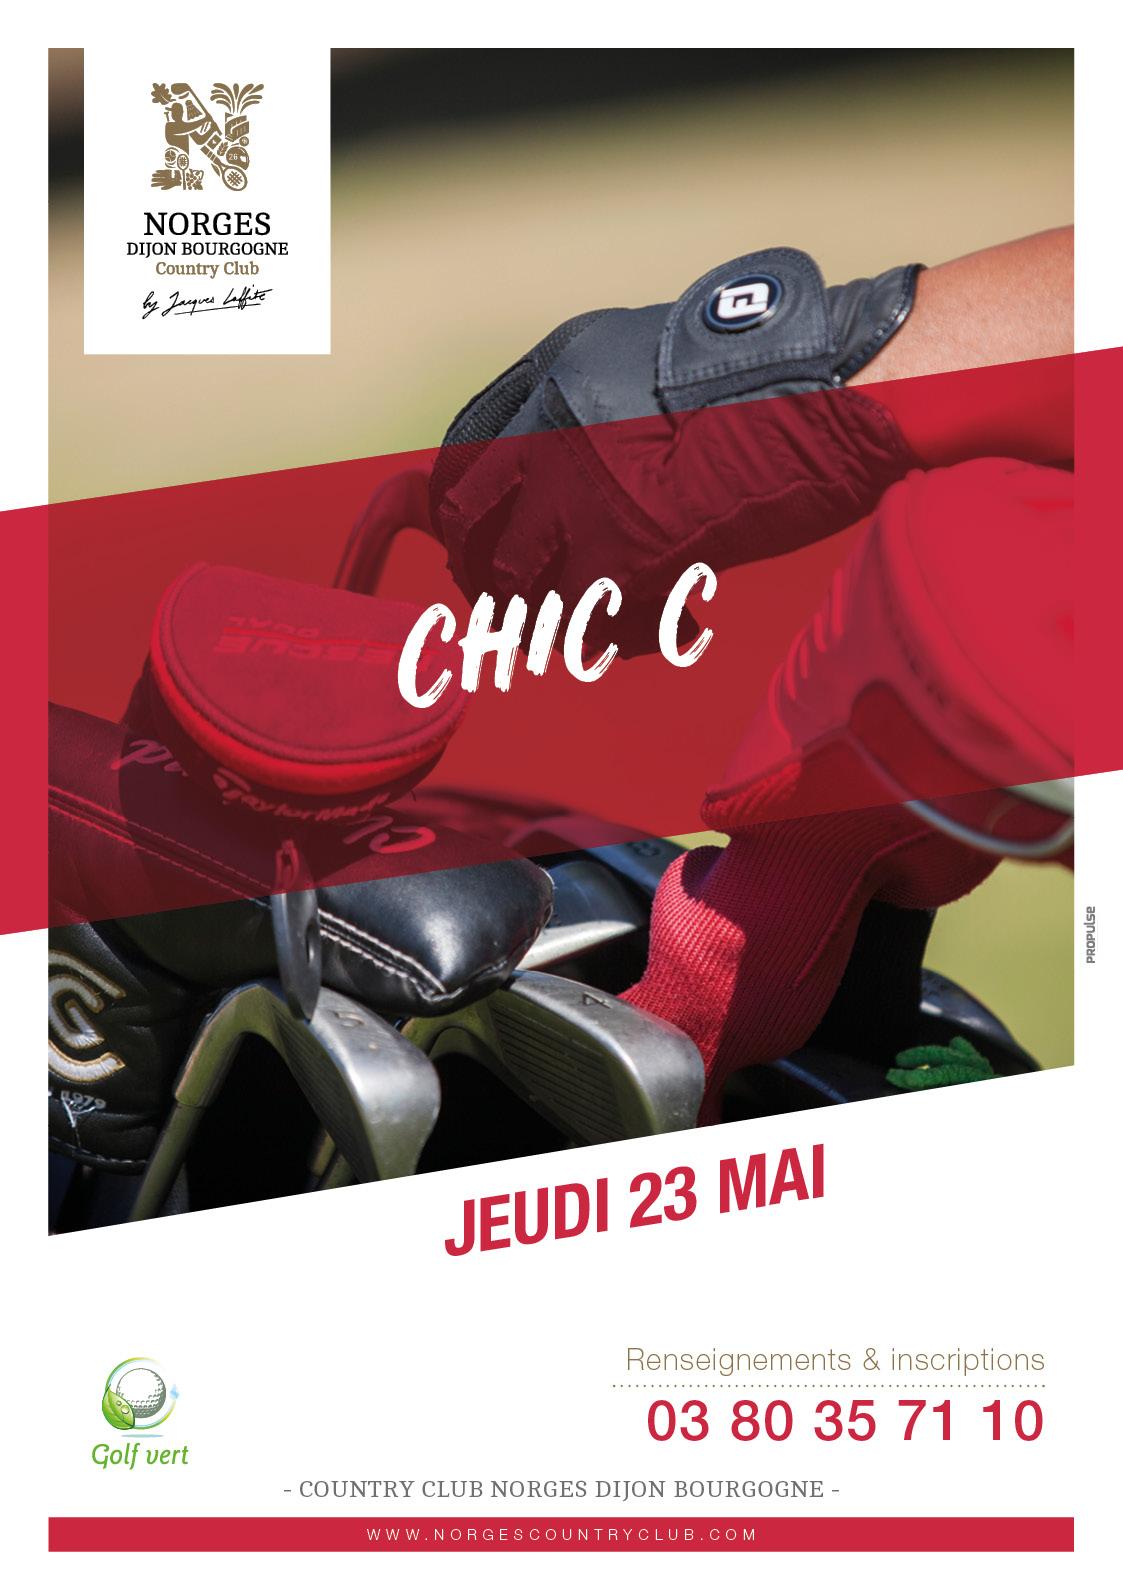 Chic C